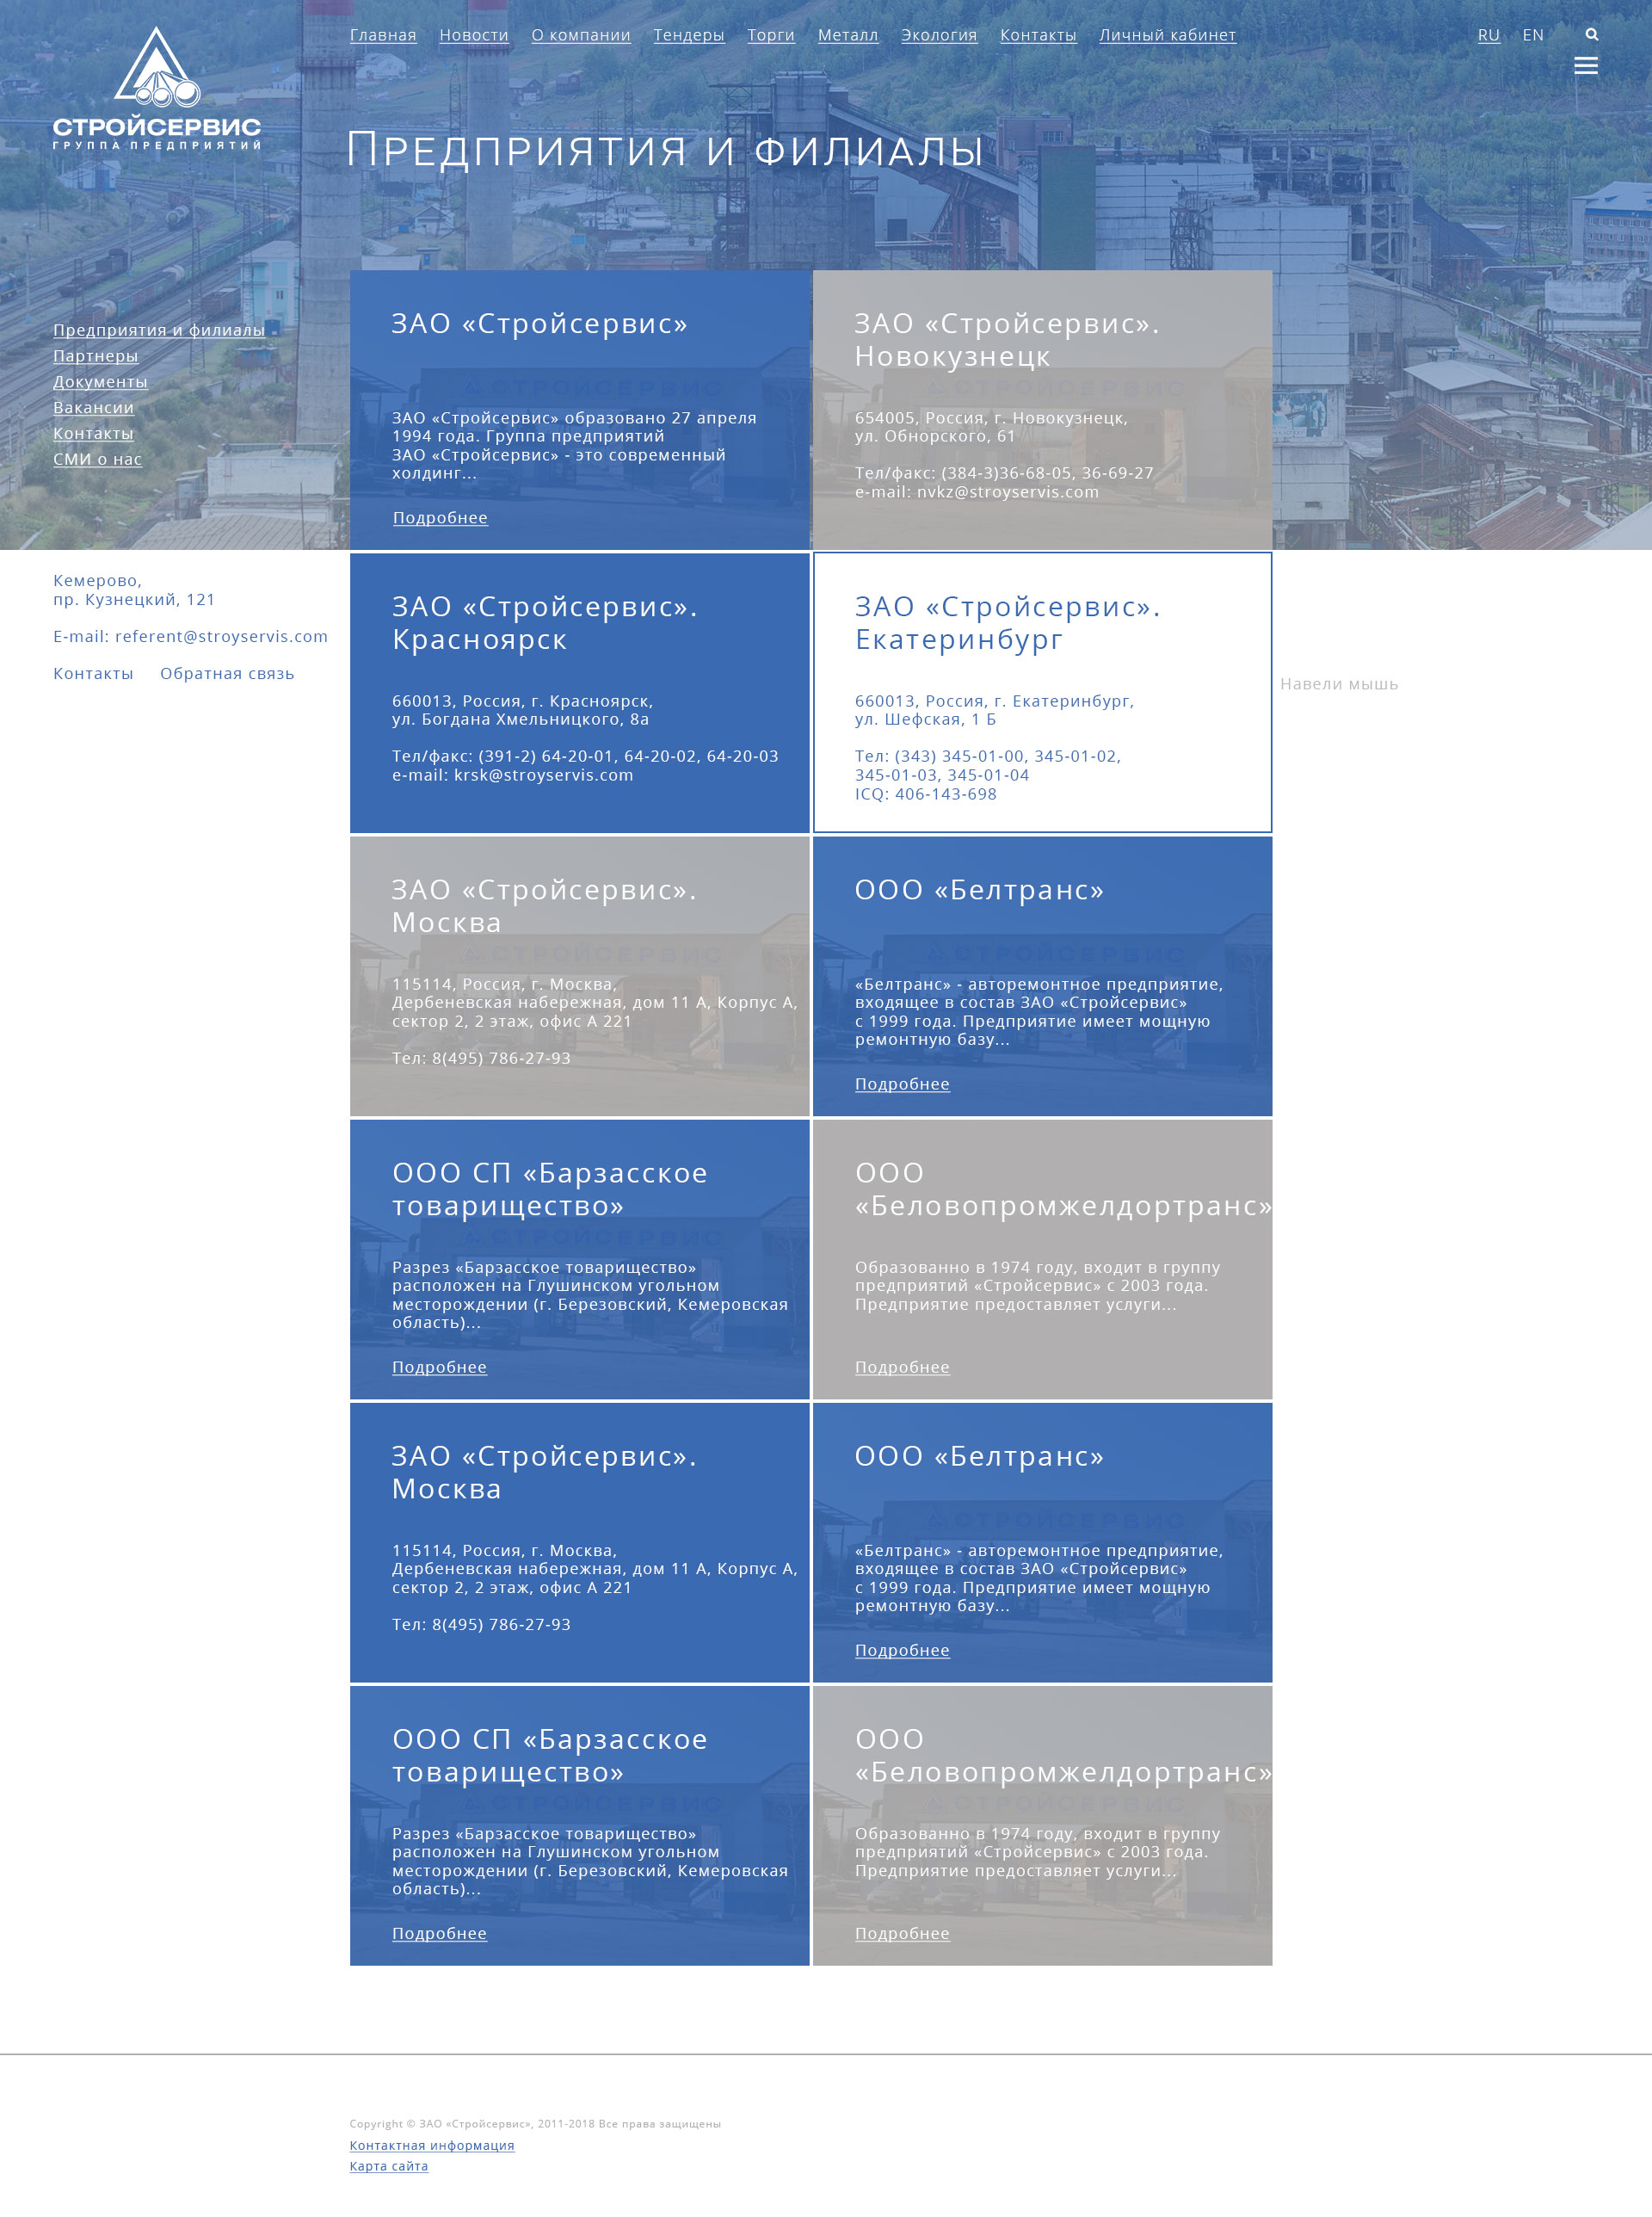 Разработка дизайна сайта угледобывающей компании фото f_7975a8de17c1edb5.jpg